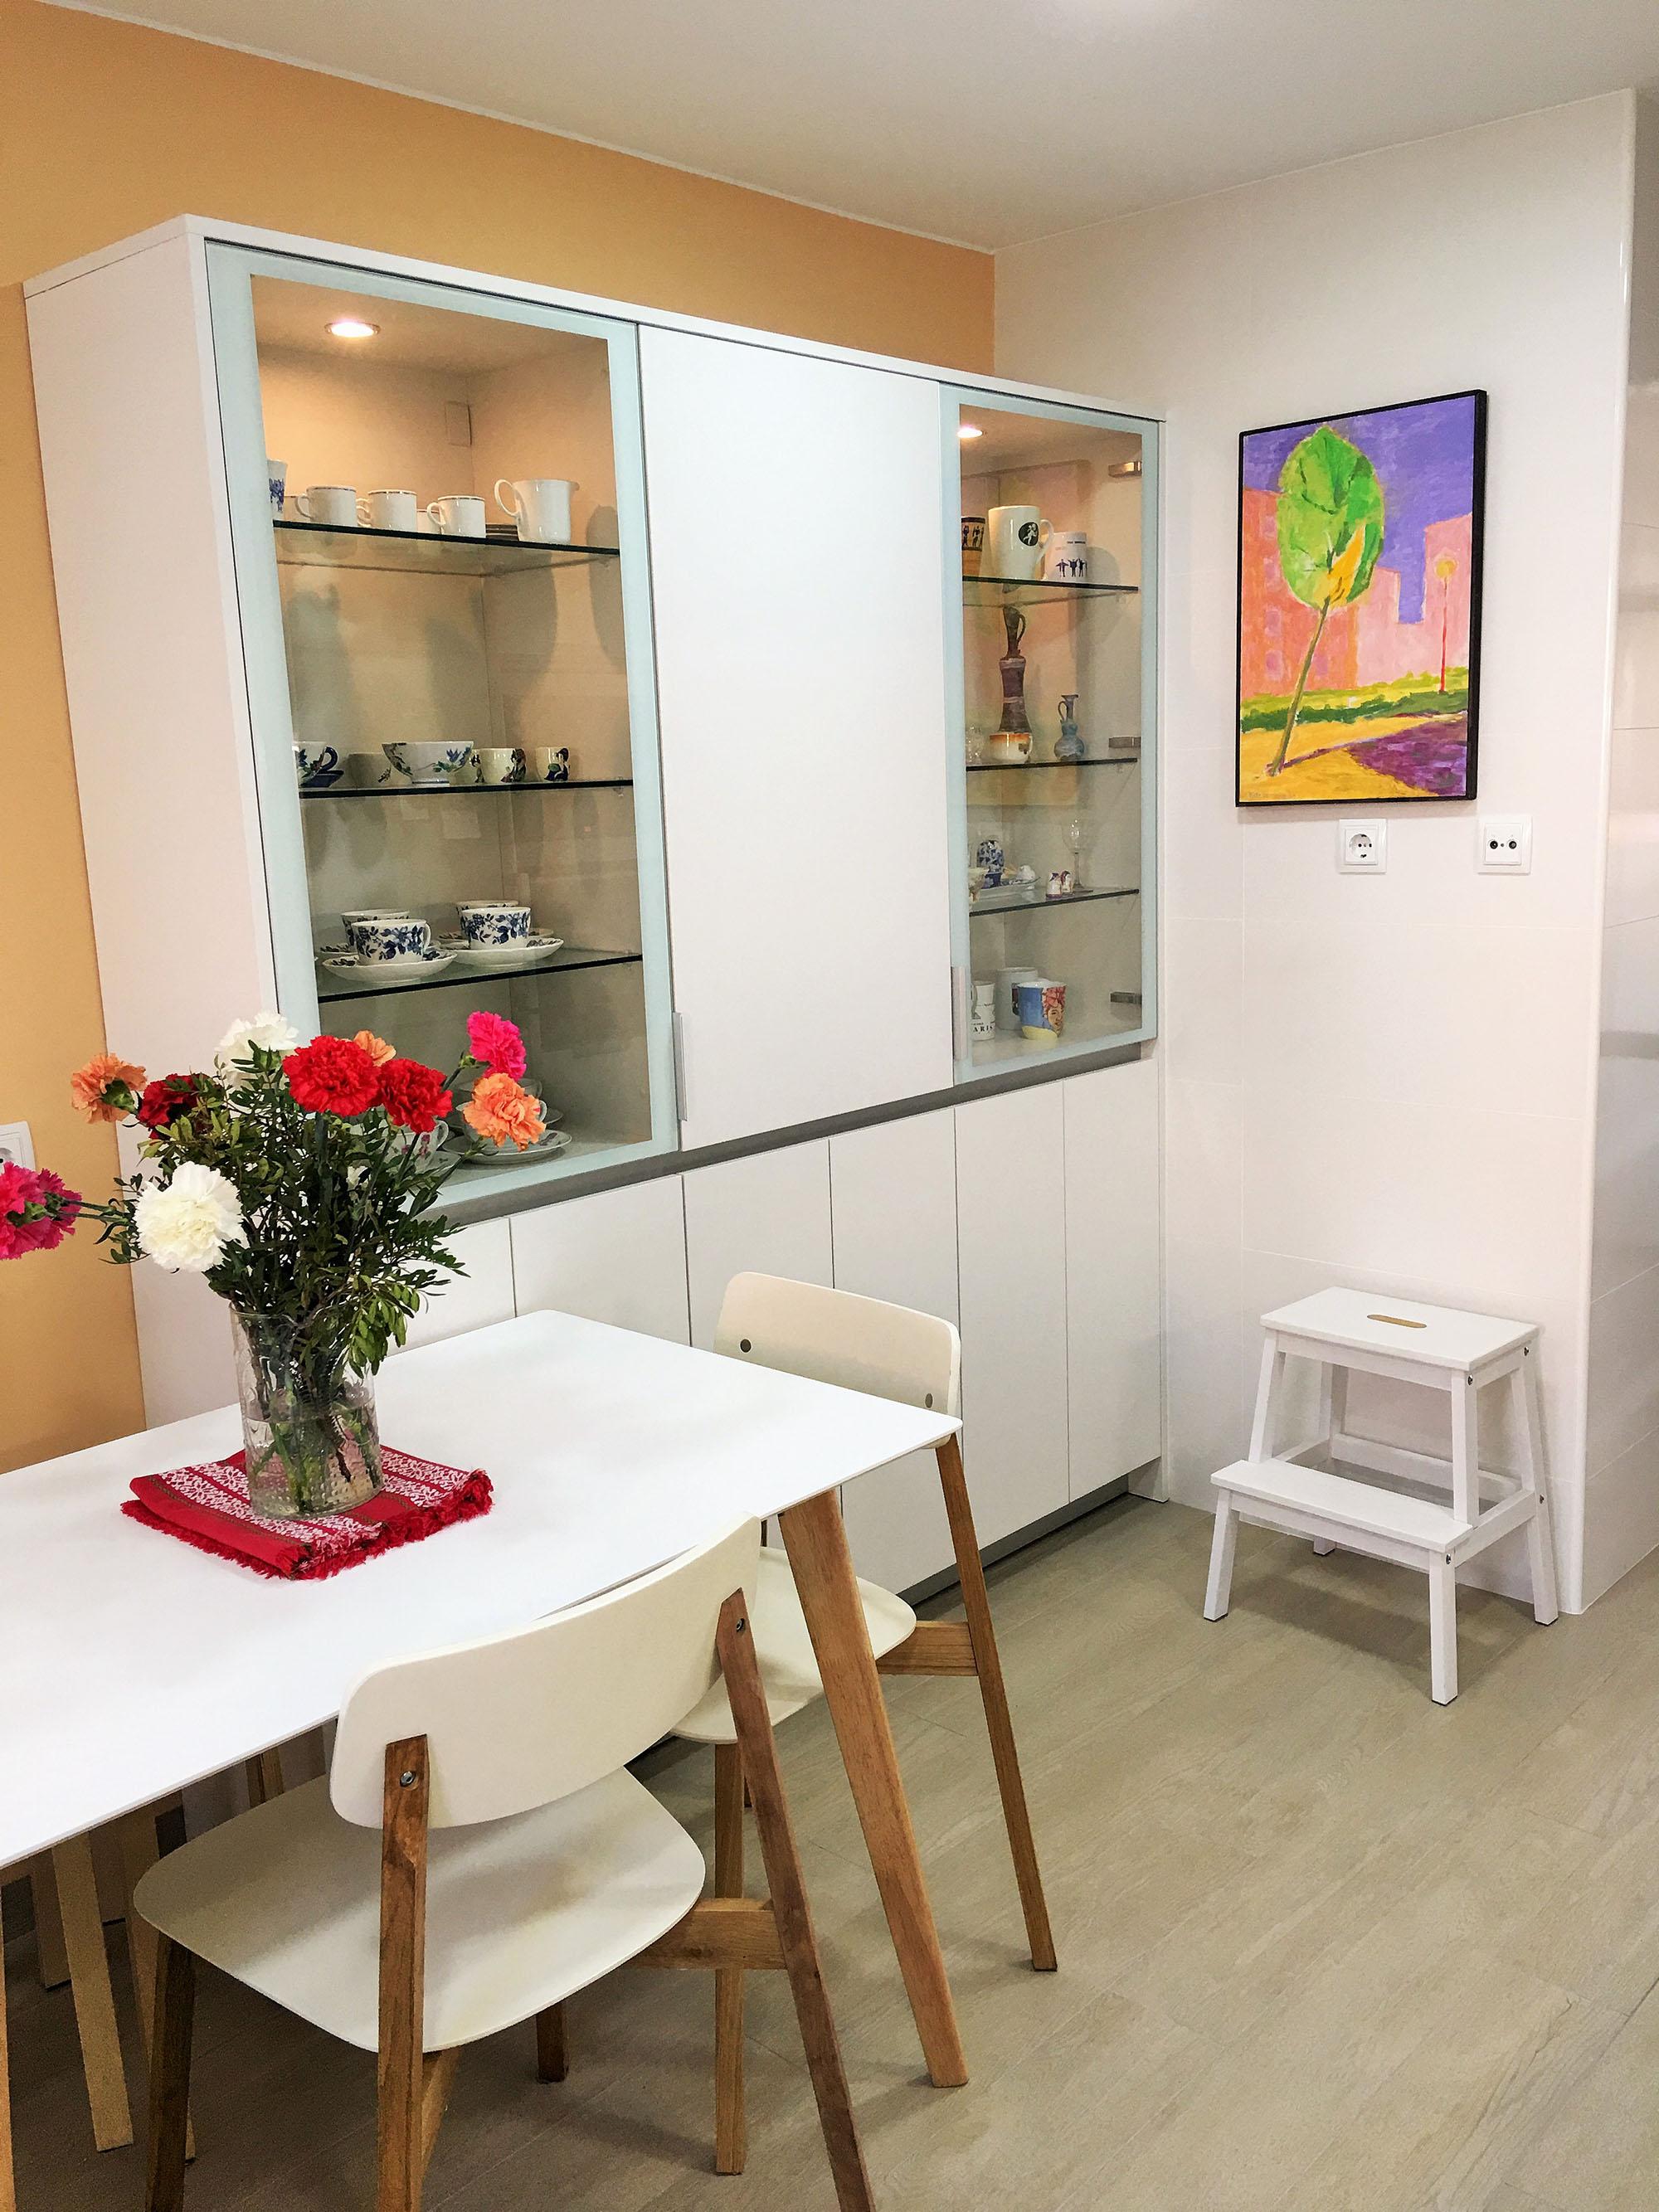 Cocina en Alcobendas - Santos muebles de cocina